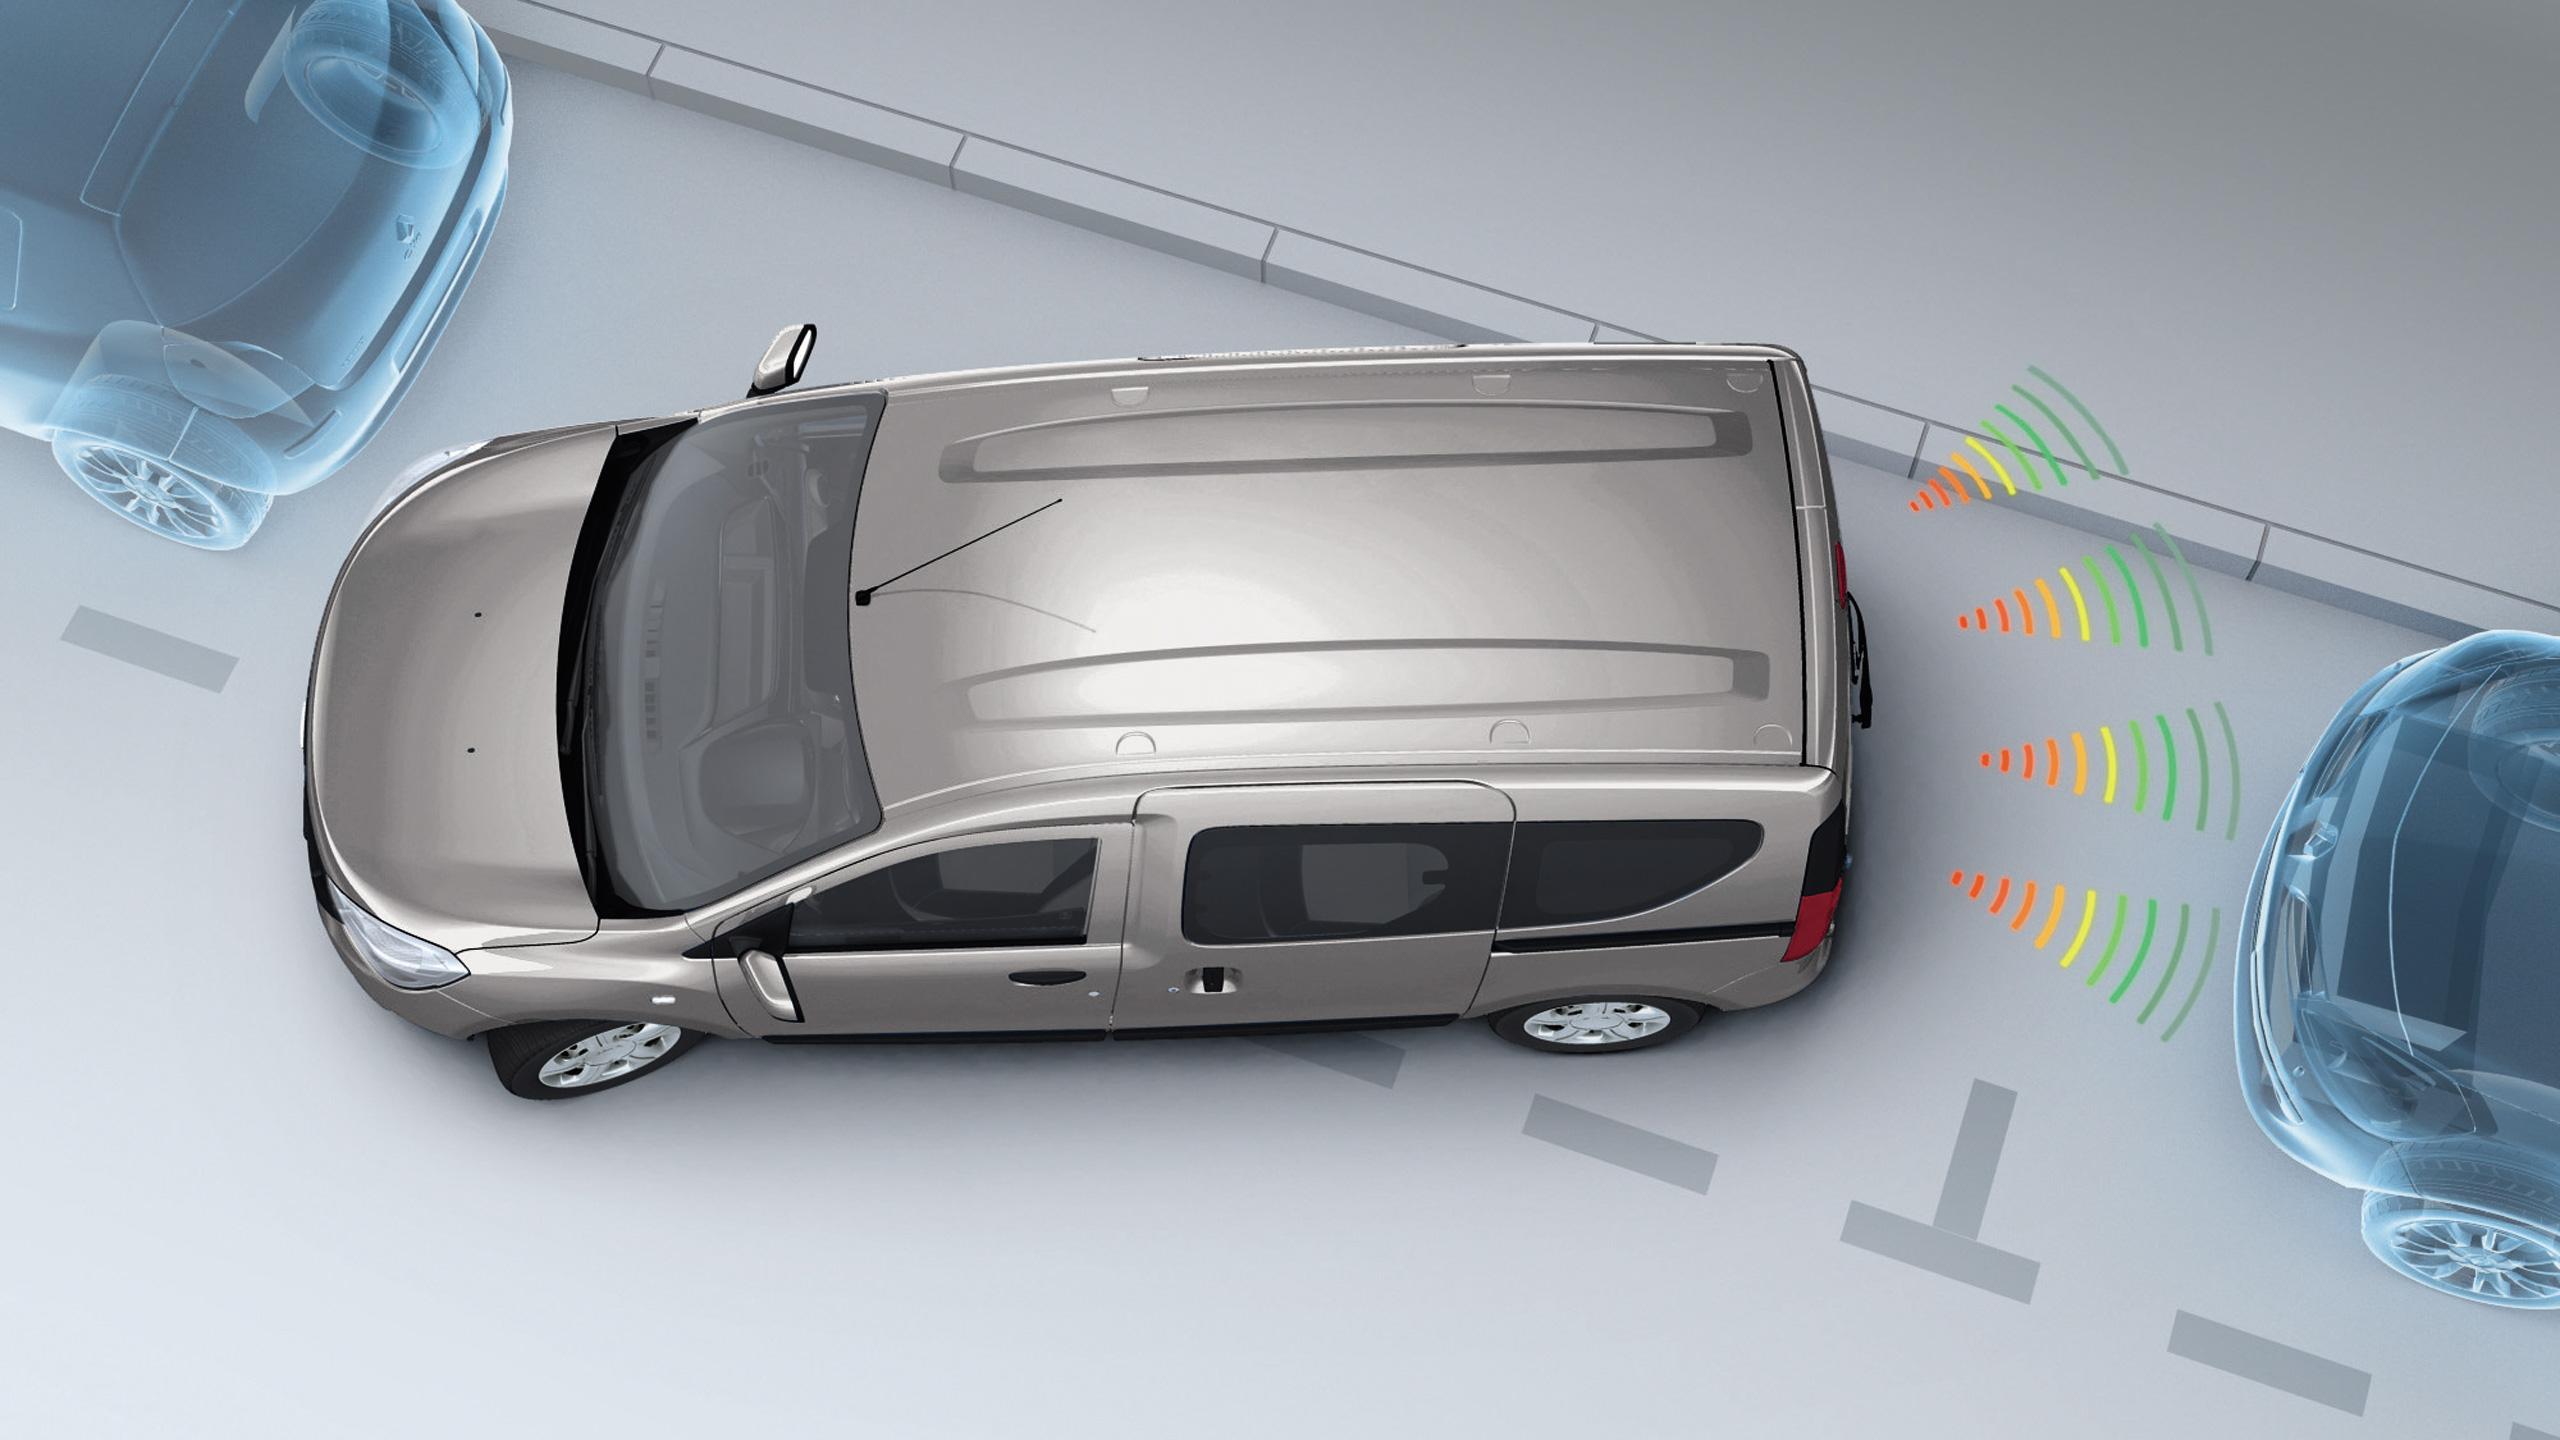 Parkeersensoren in de achterbumper met sonische weergave